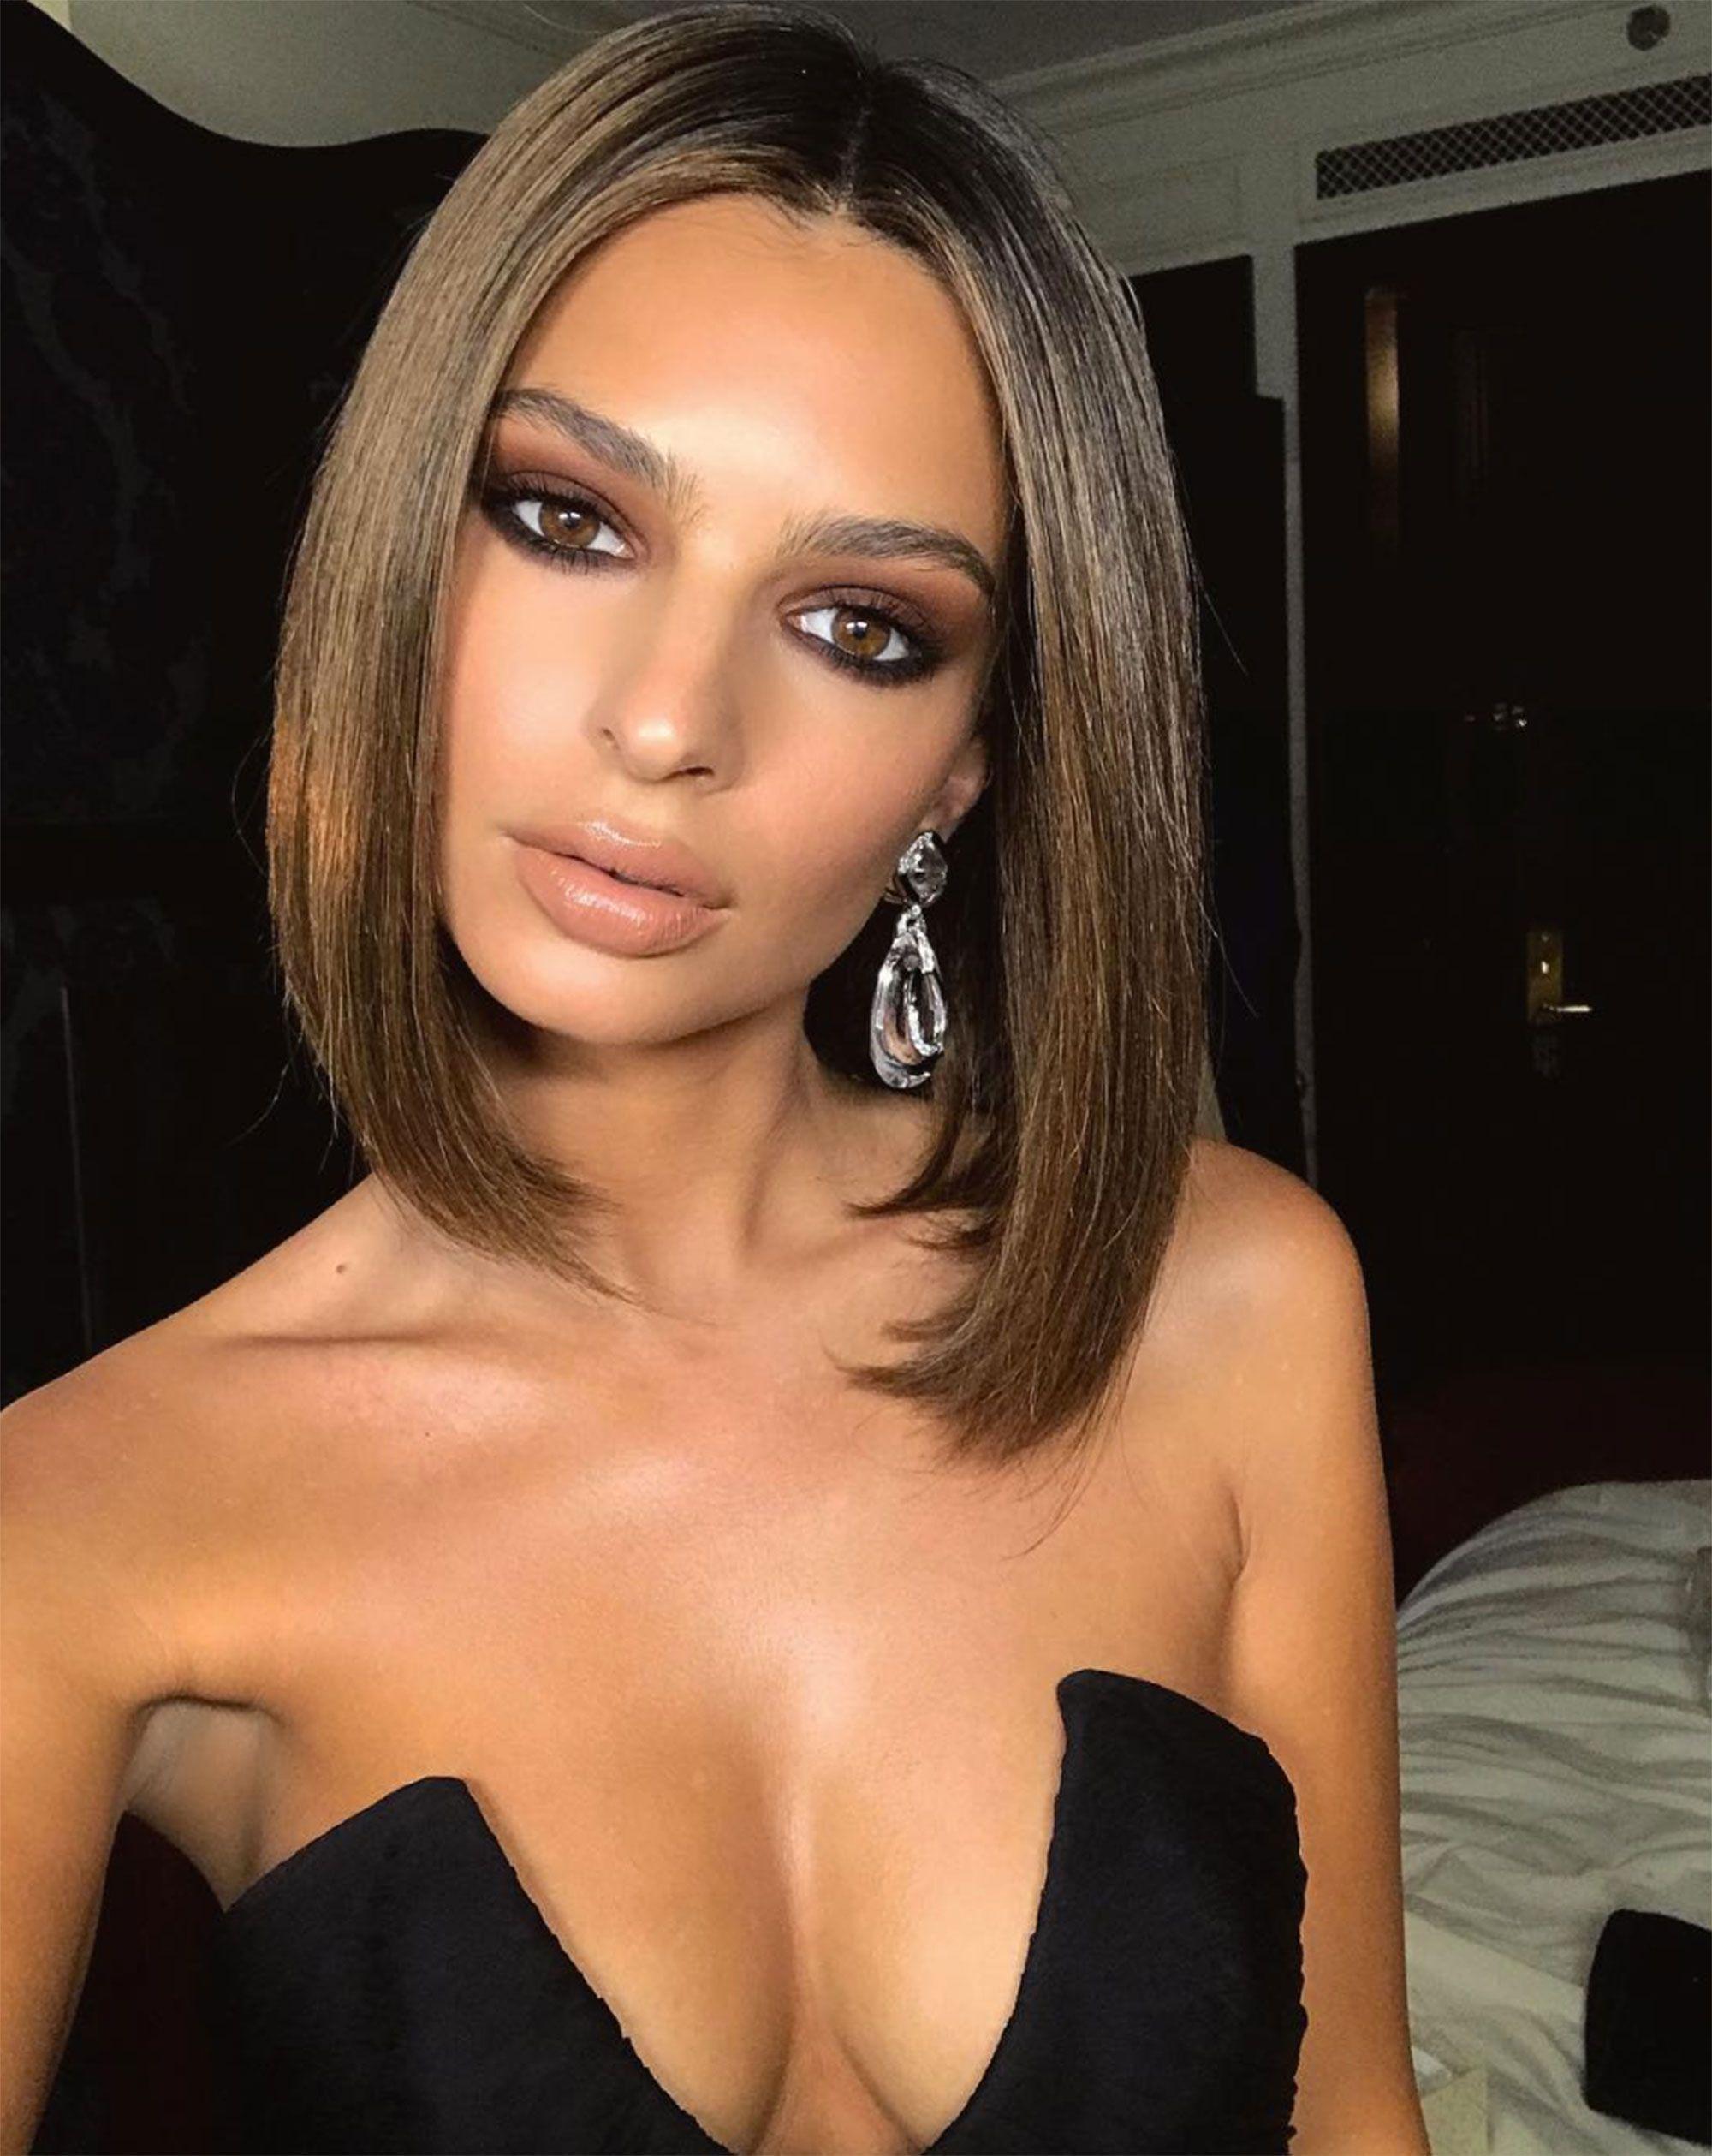 Emily ratajkowski beautiful eyes and big tits nudes (33 image)